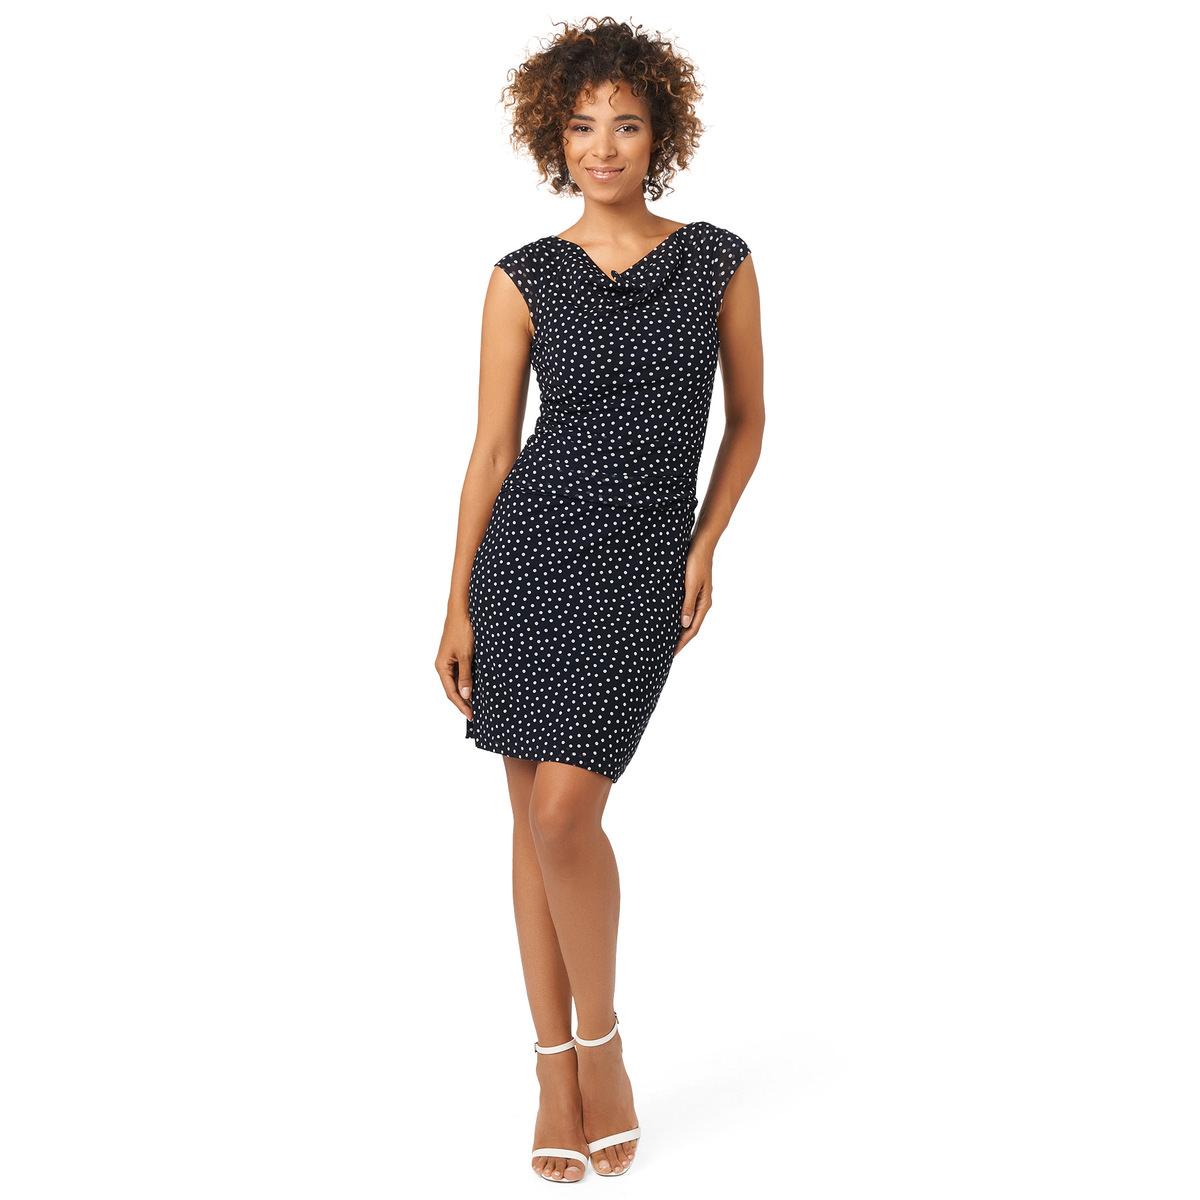 Kleid mit Pünktchen-Print in blue black